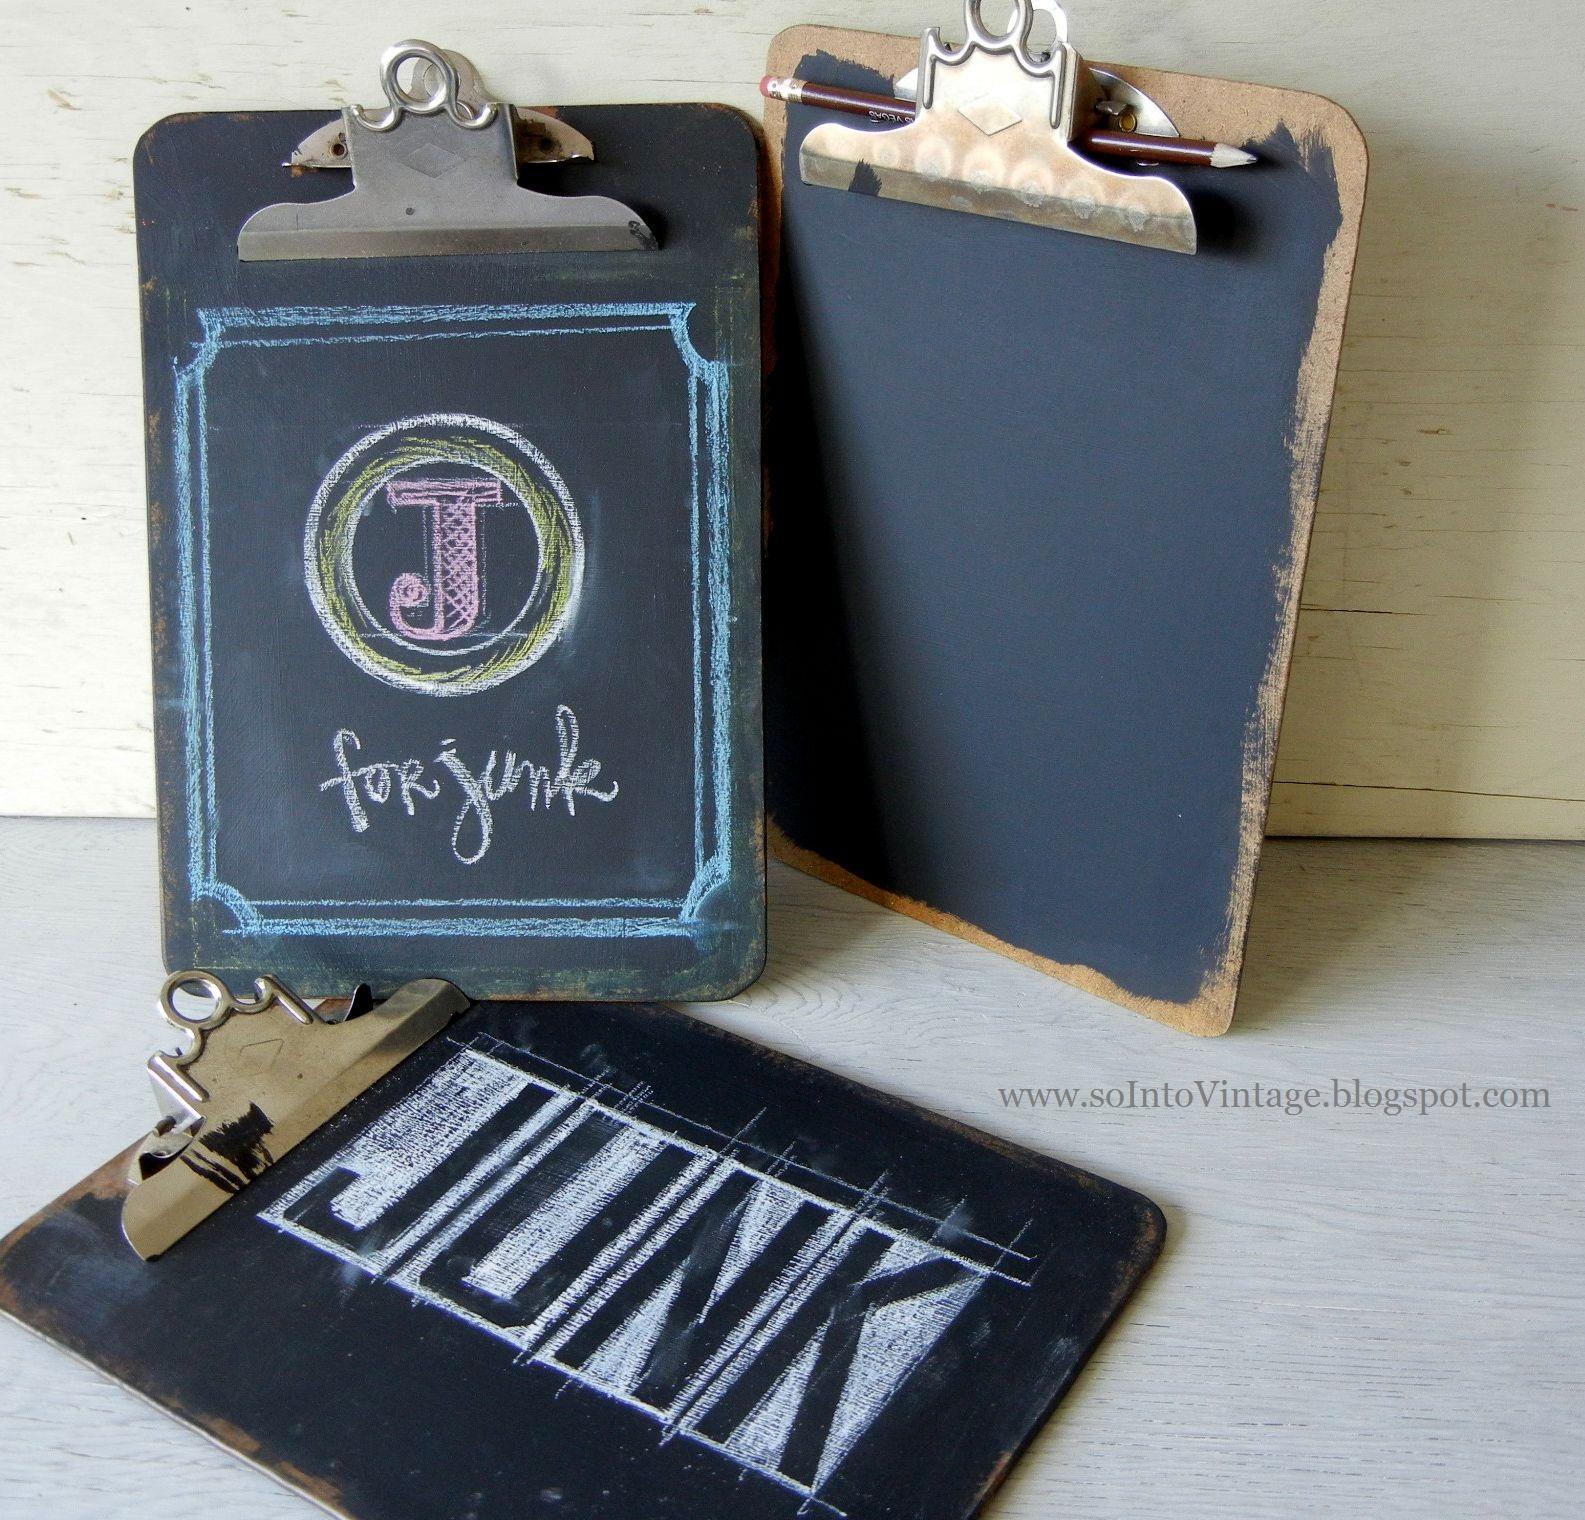 http://2.bp.blogspot.com/-AvCR_ct_Jfk/T49eZZYp1II/AAAAAAAAB34/r0YOFgR073s/s1600/chalkboards+wm.jpg